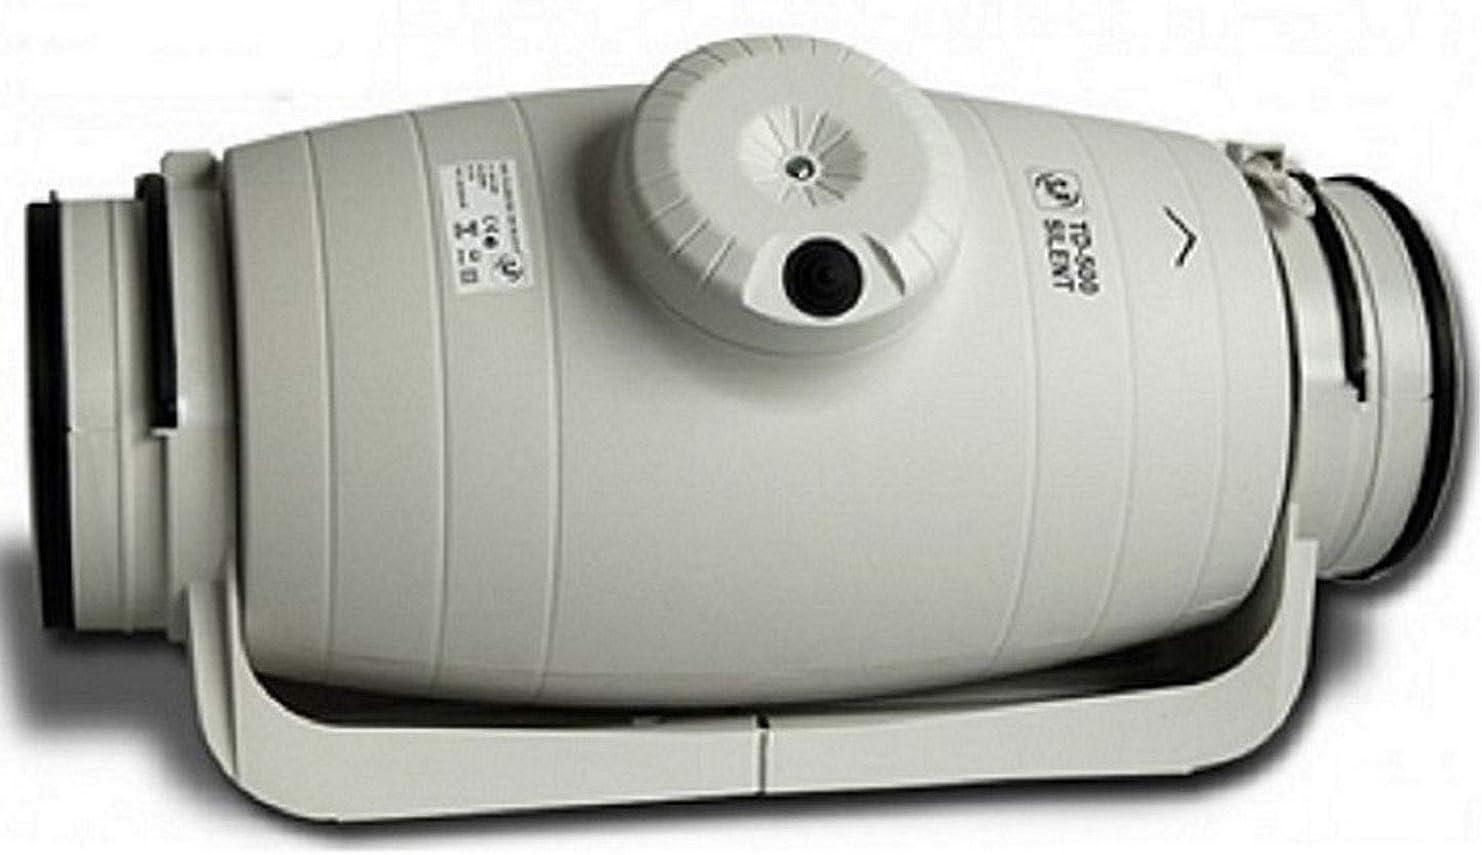 S & P Soler Palau TD 350/125 Silent Ventilador Tubo Ventiladores Canal Extractor Ventilación Canalizado